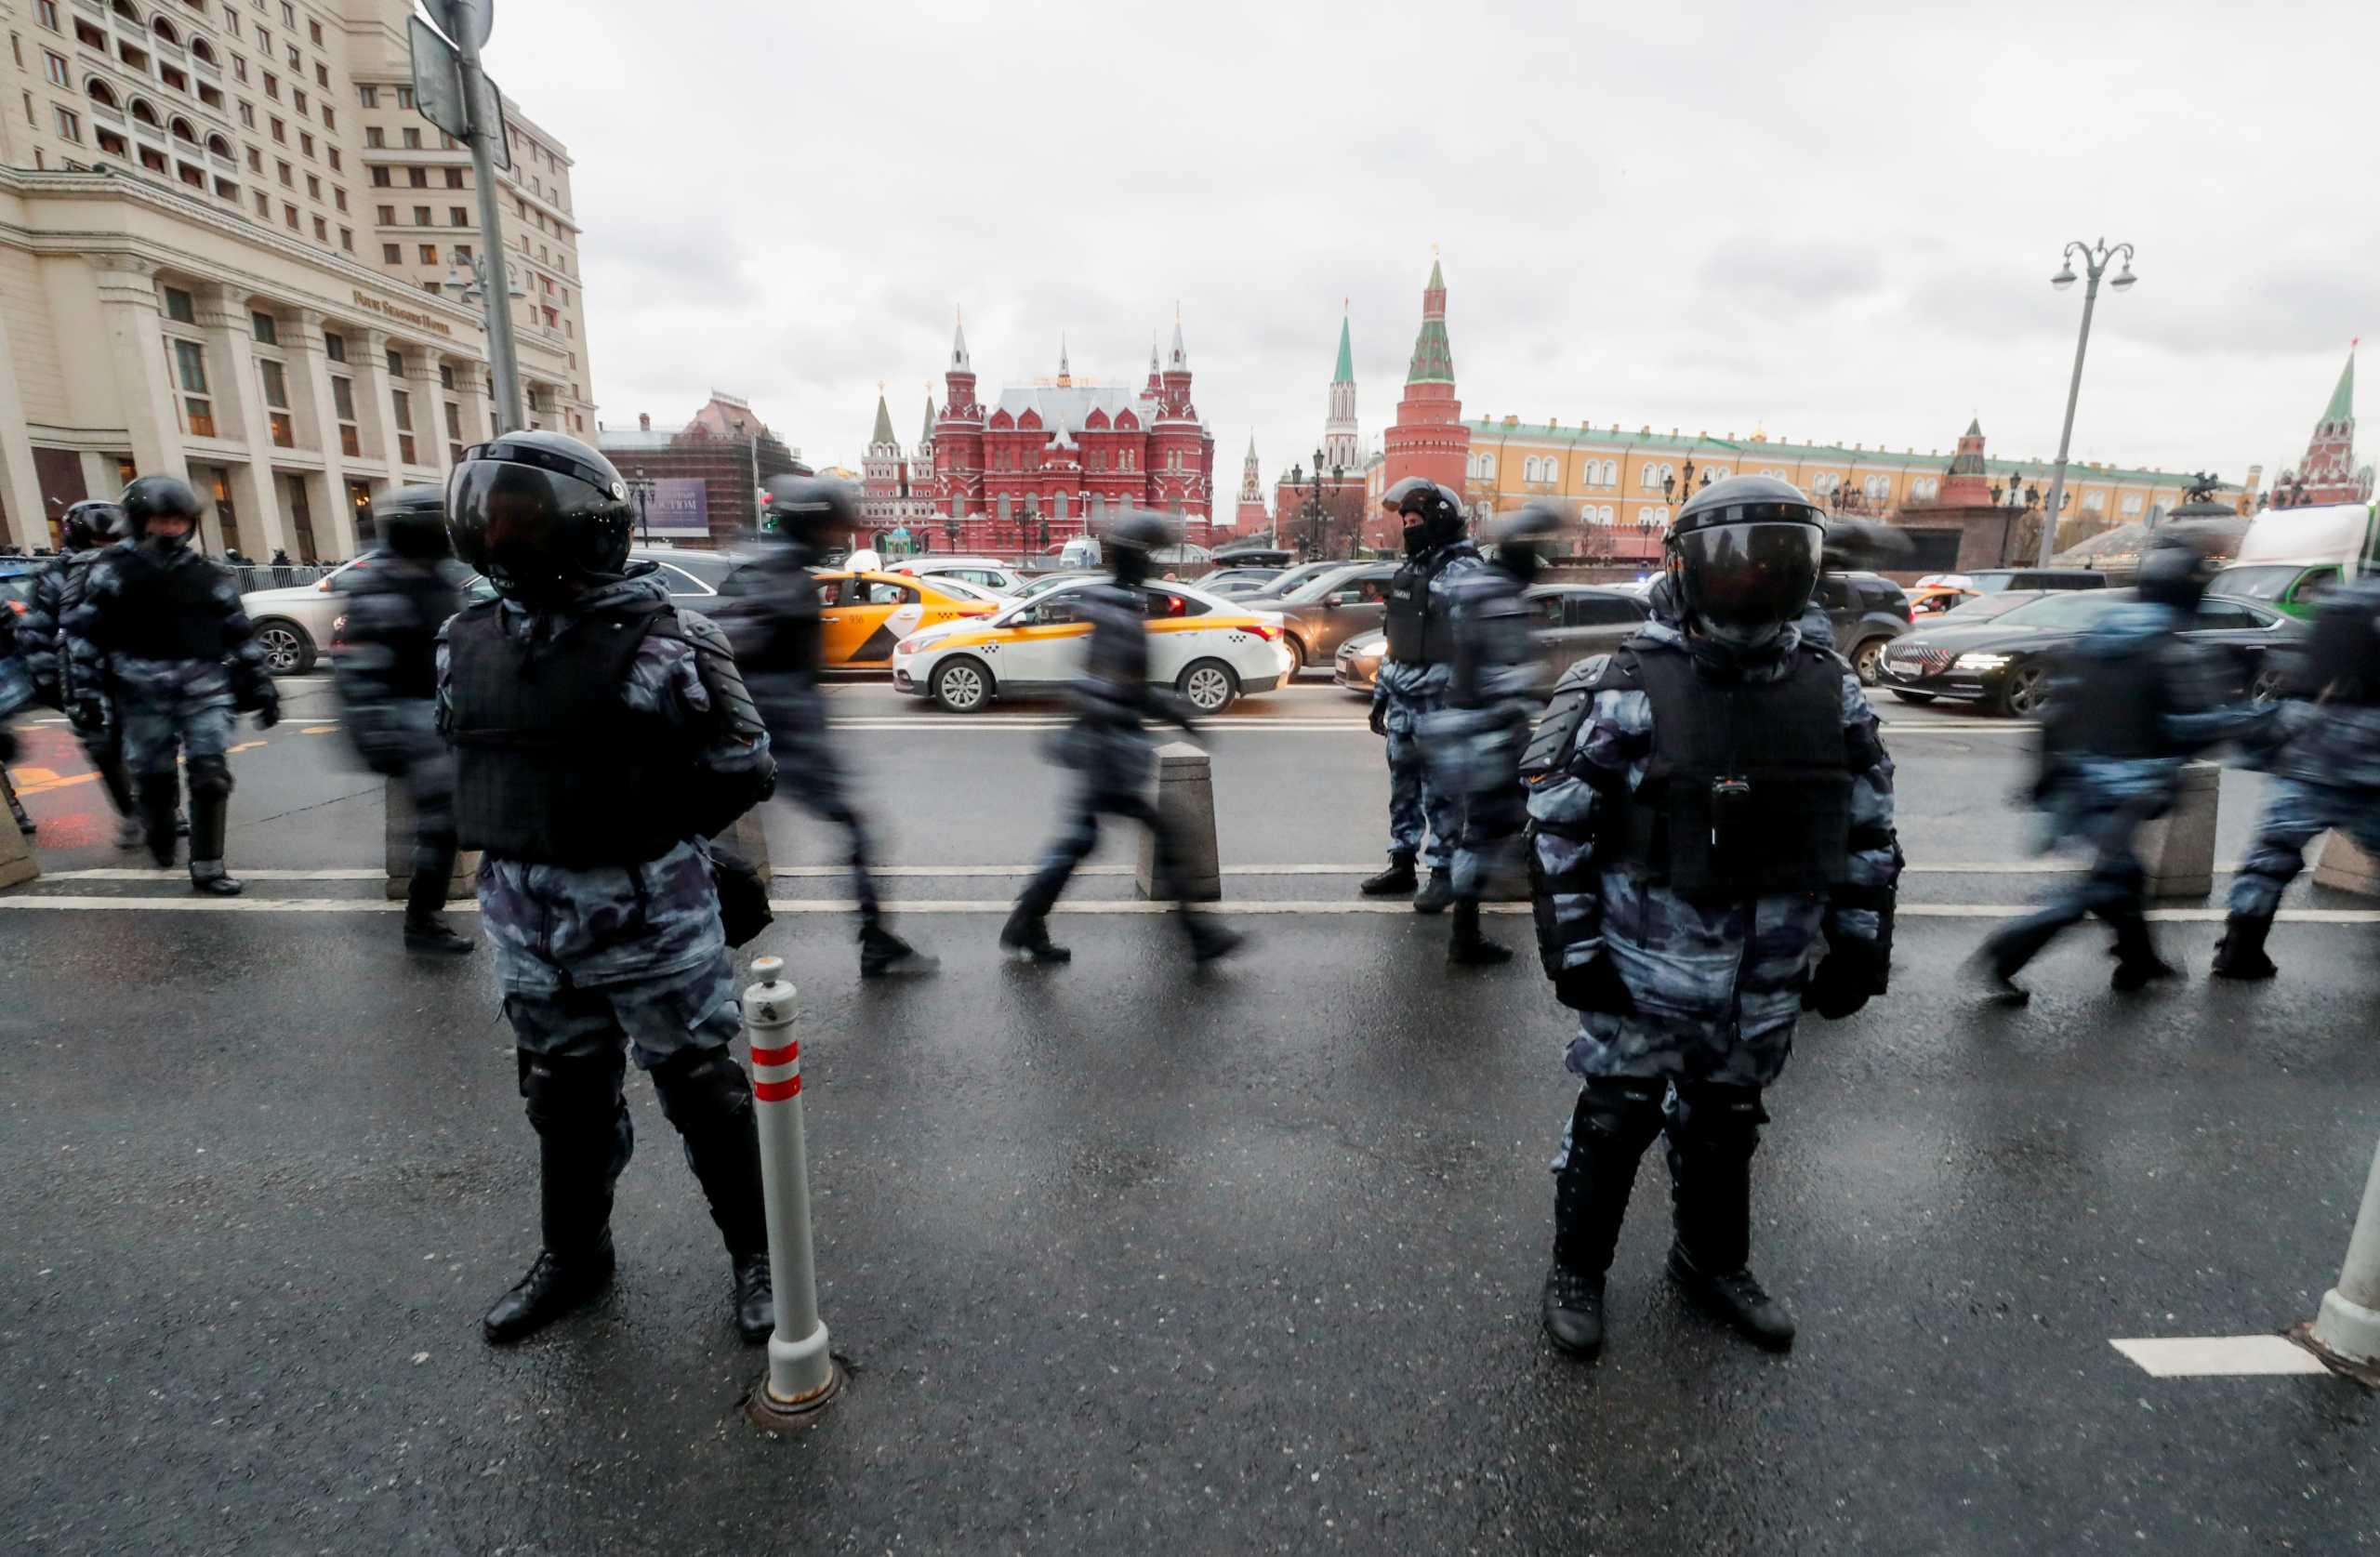 Ρωσία: Τρεις νεκροί από επίθεση με μαχαίρι